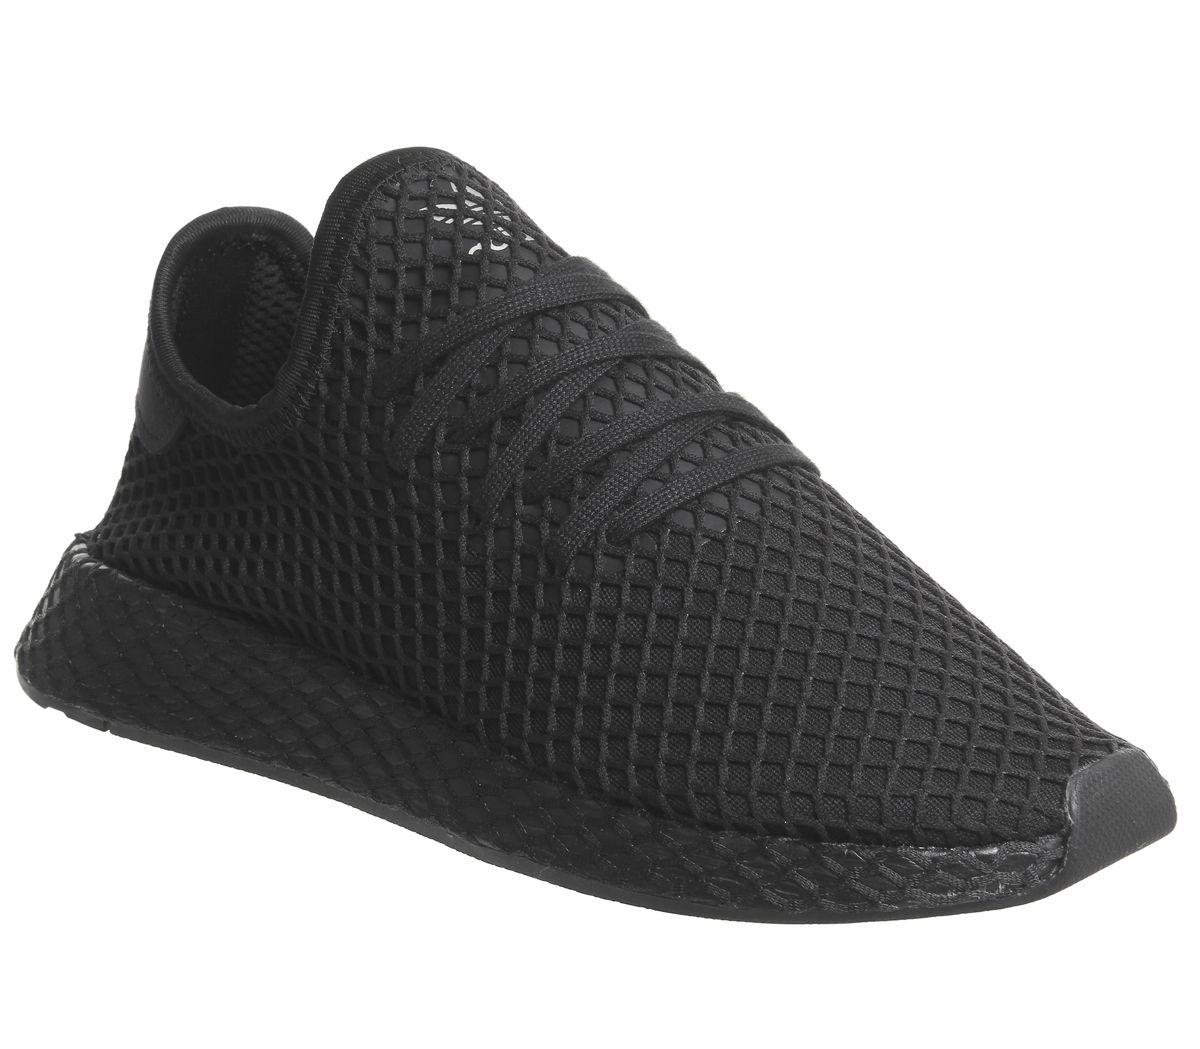 adidas scarpe da ginnastica uomo